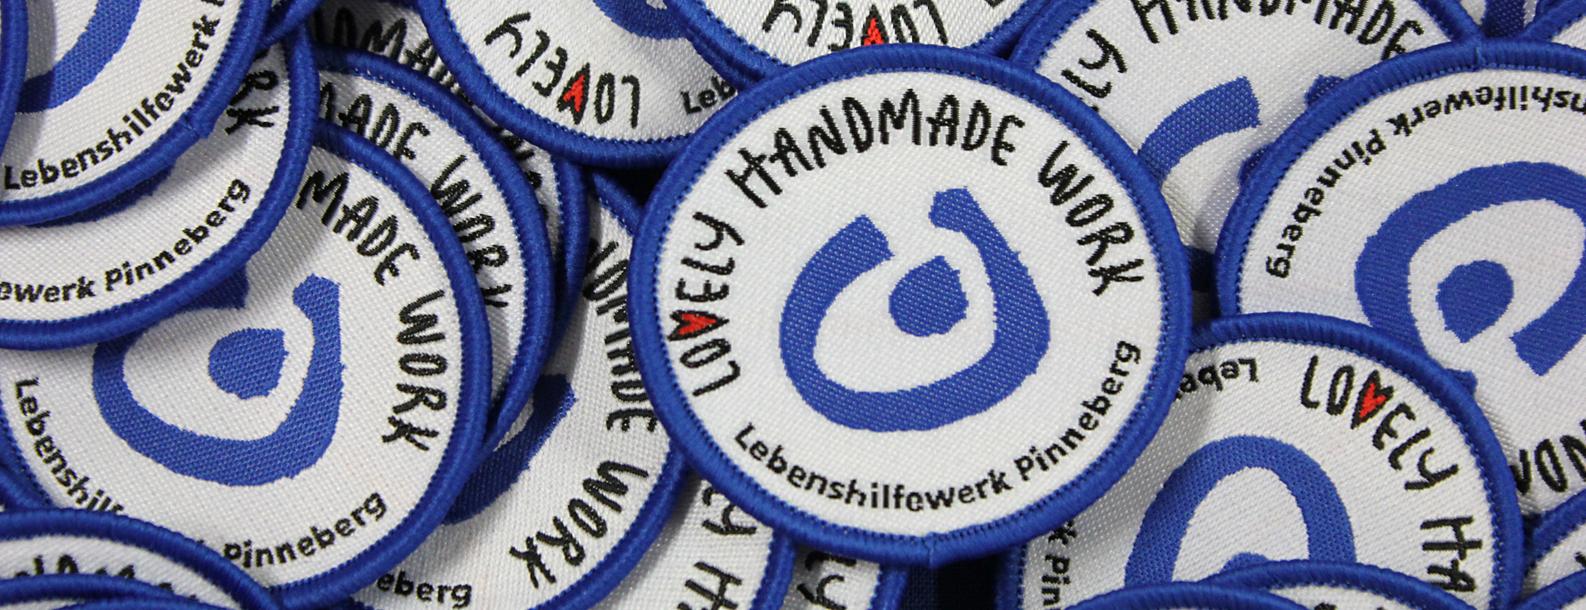 """Viele Aufnäher mit dem Schriftzug """"Lovely Handmade Work"""", das Logo der Eigenmarke des Lebenshilfewerk Pinneberg"""